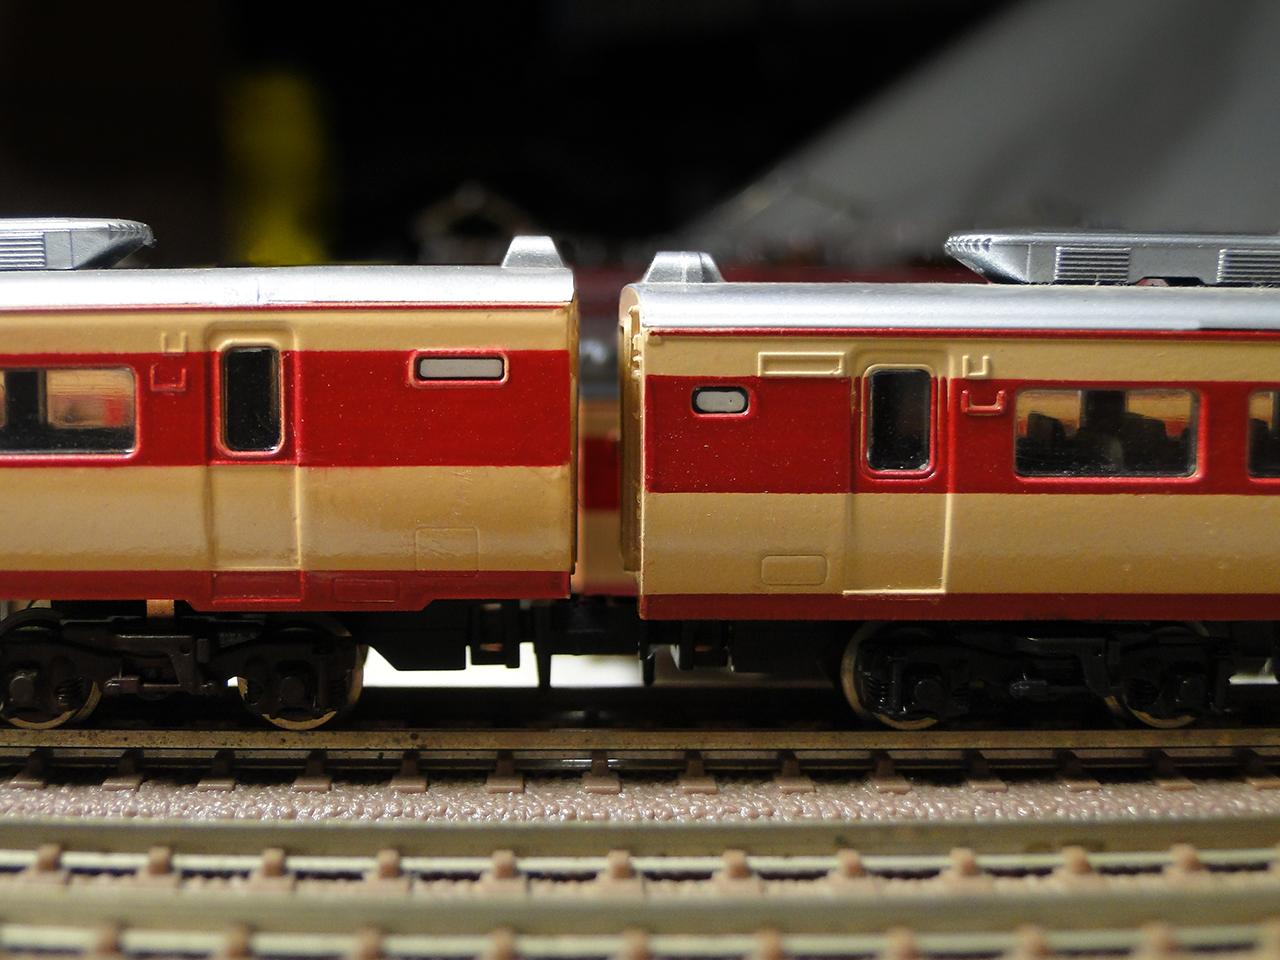 http://moritetsu.info/model-railway/img/DSC06613ssss.jpg